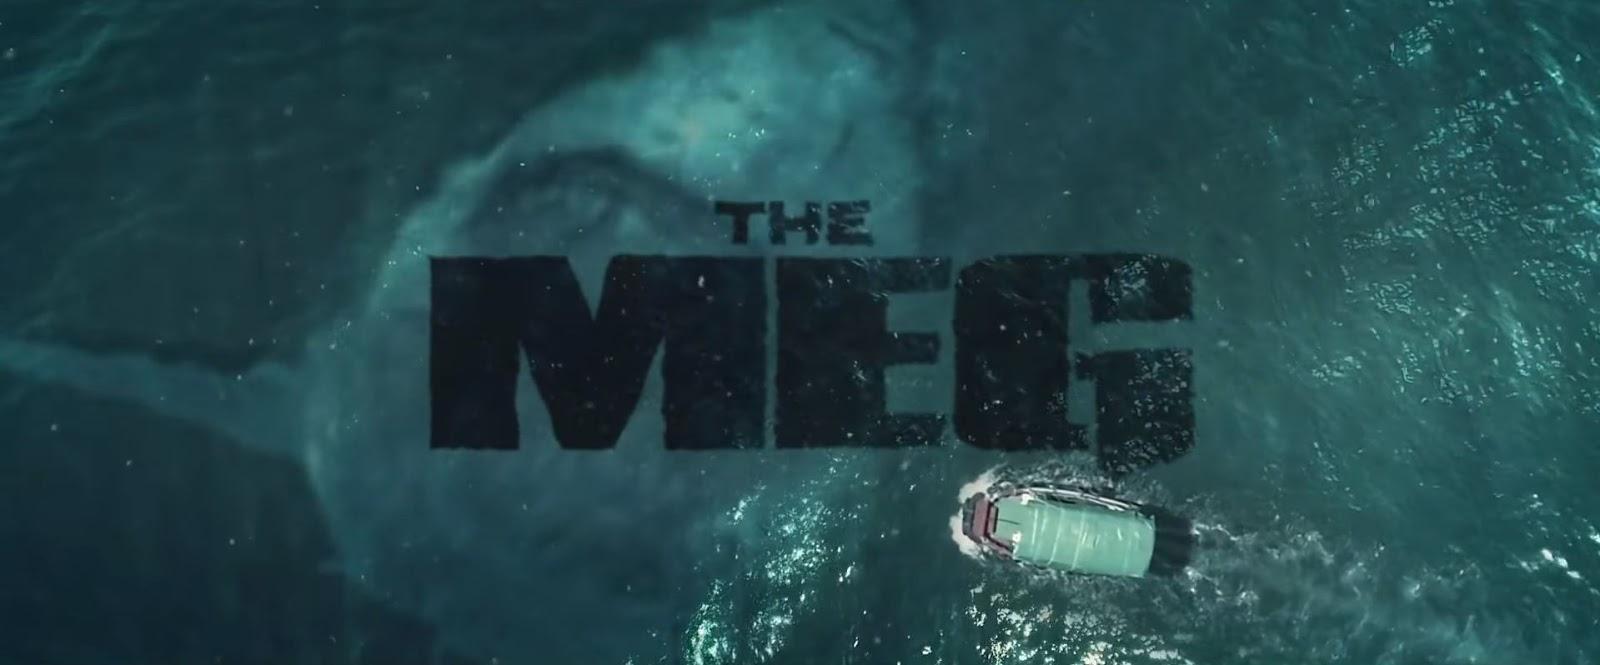 """「MEG ザ・モンスター」""""The Meg""""(2018)"""